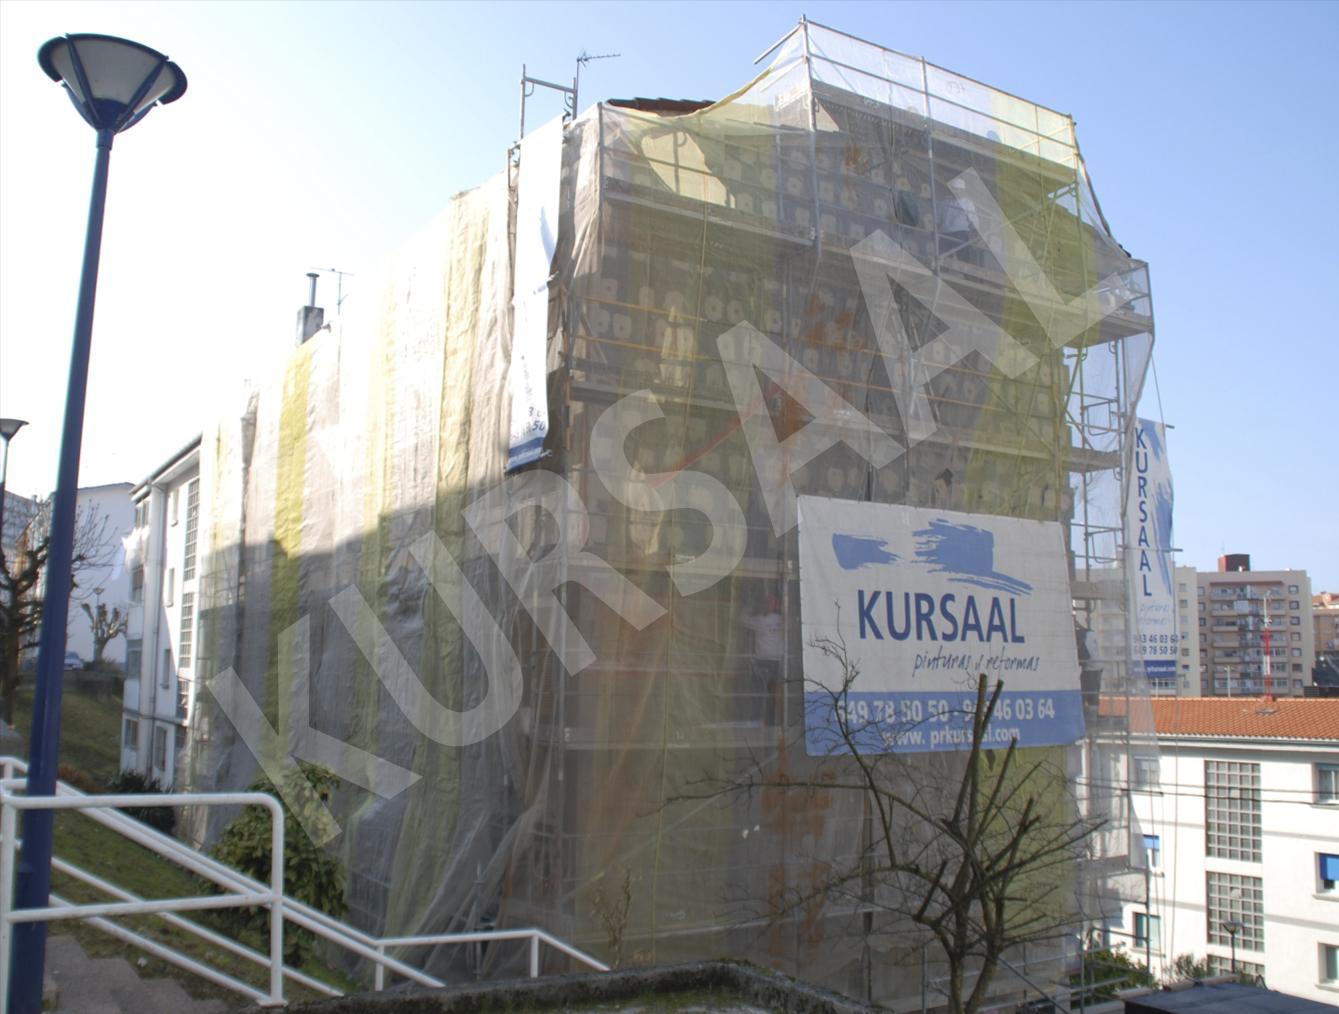 foto 7 - Aislamientos Térmicos y Eficiencia Energética-Urdaburu 5-ERRENTERIA, GIPUZKOA